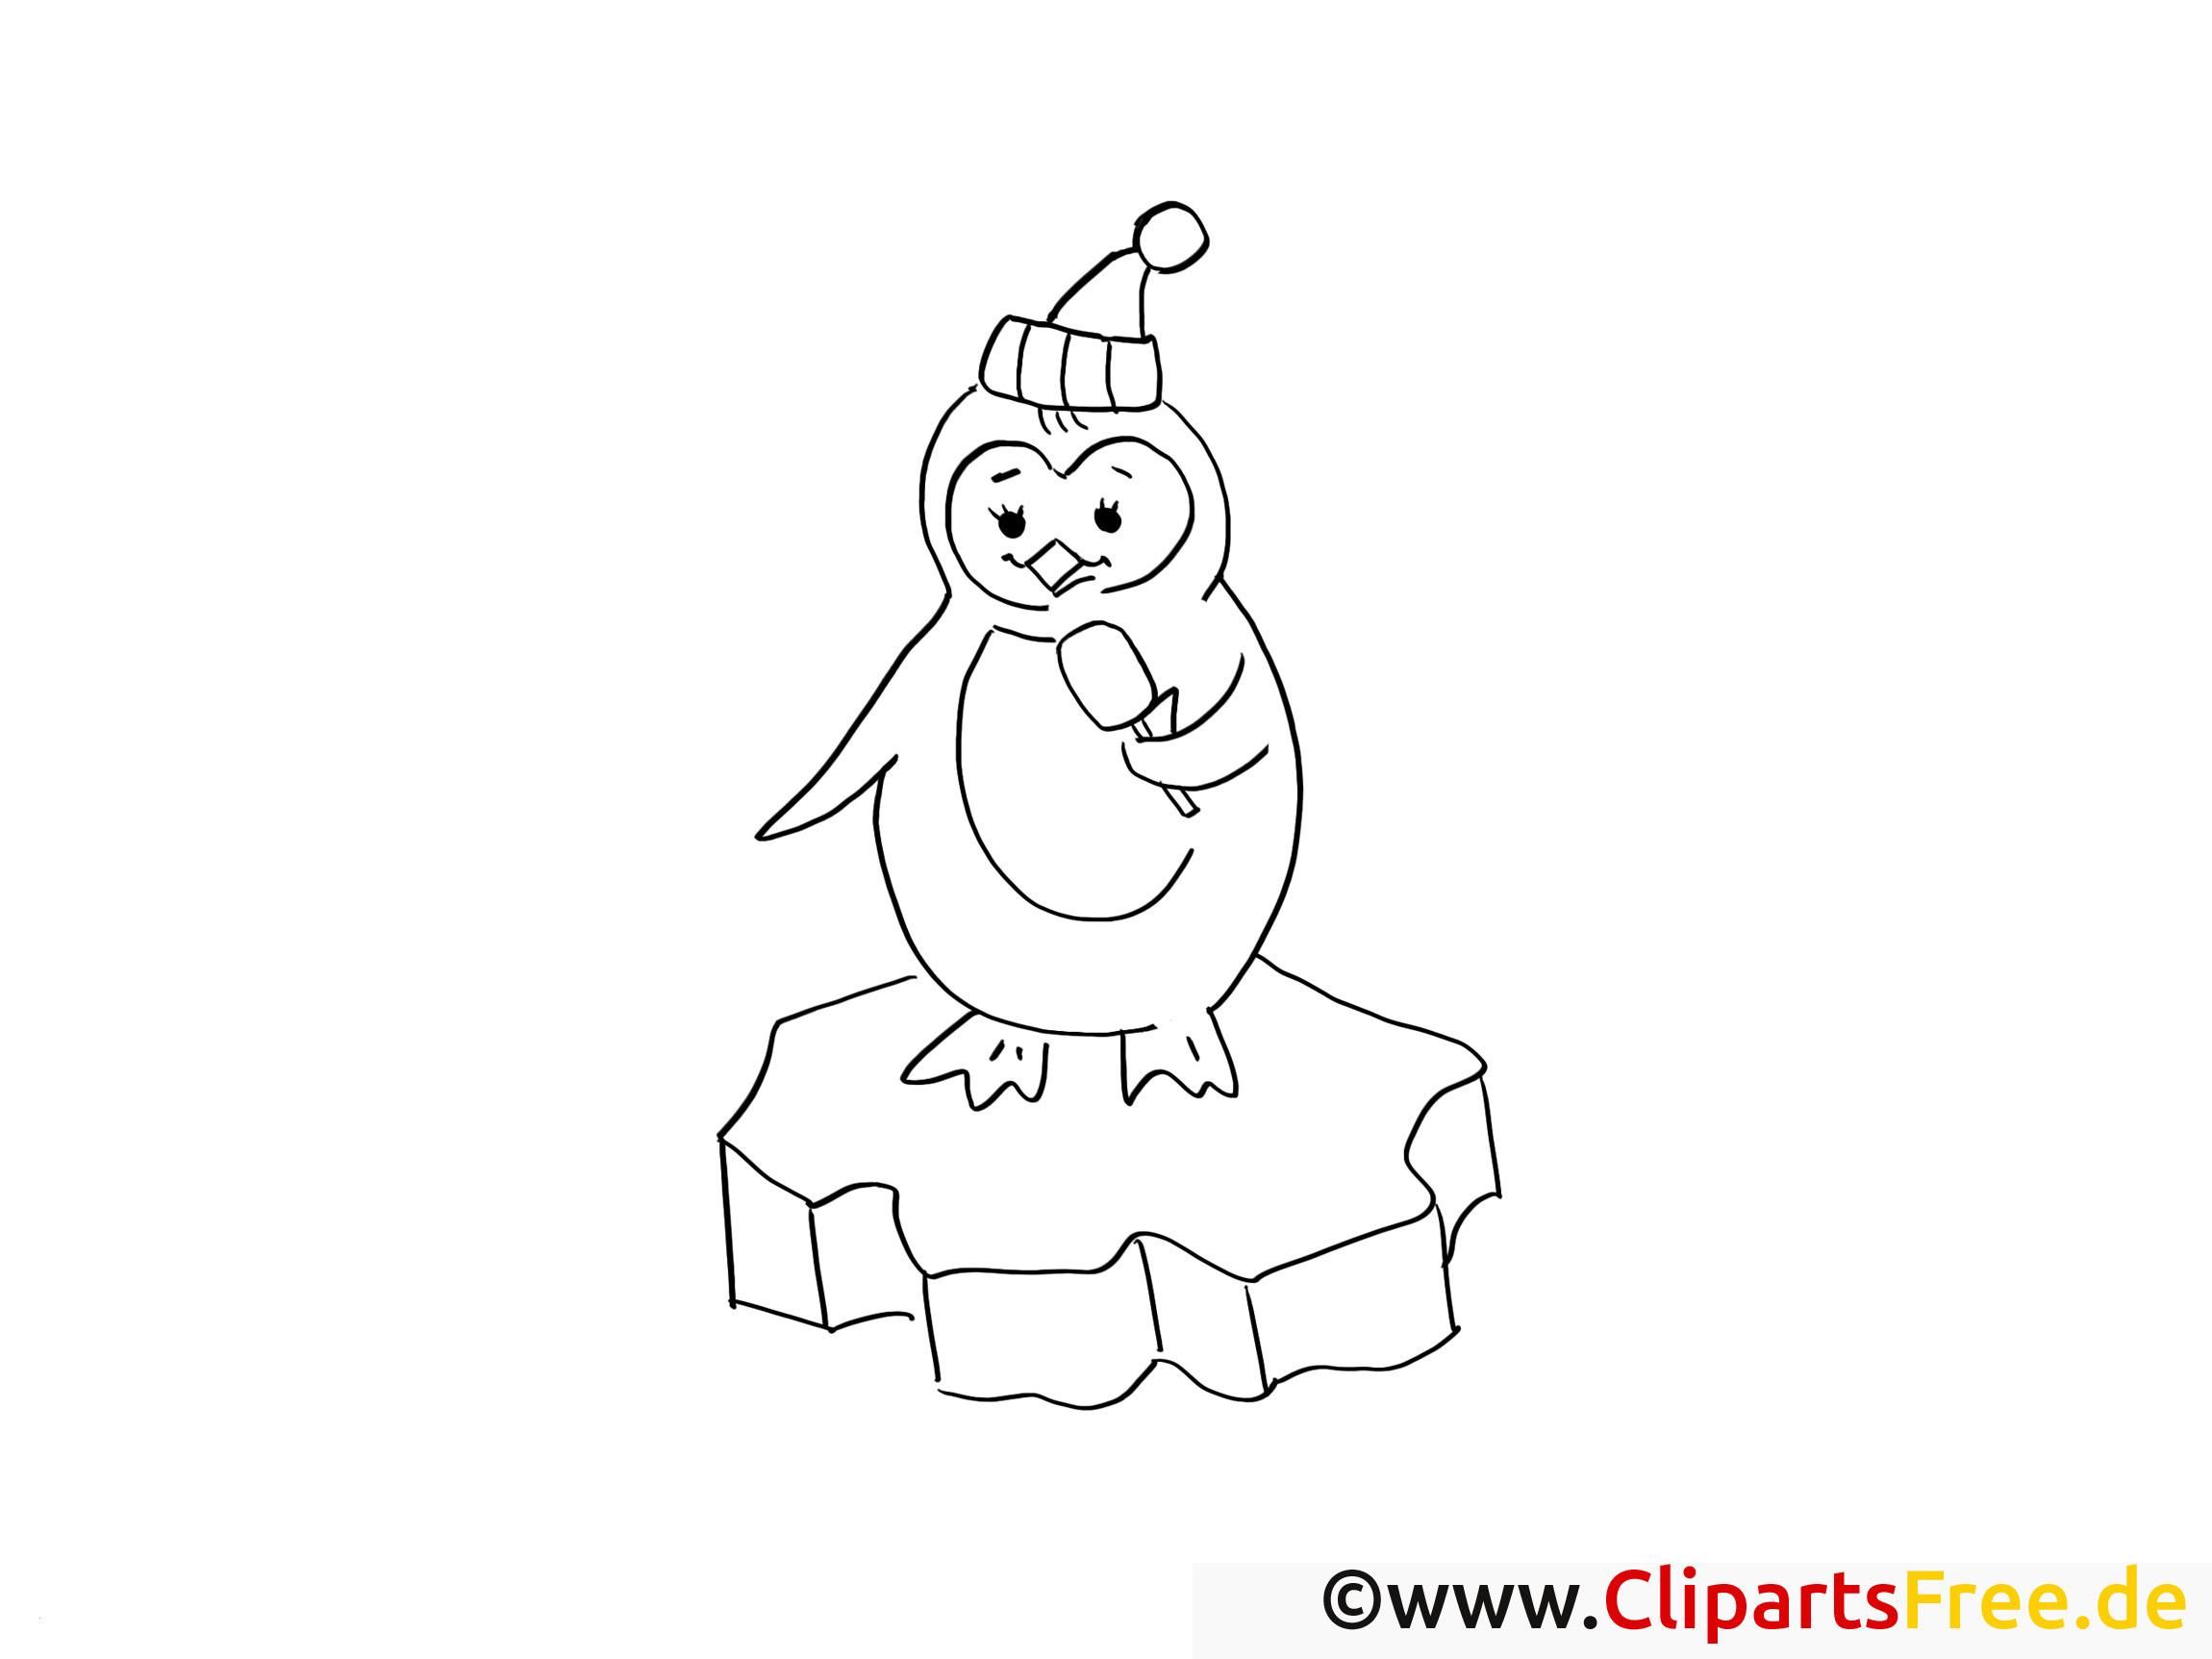 Kinder Malvorlagen Com Genial Pinguin Ausmalbilder Best Advent Malvorlagen Kostenlos Zum Schön Fotos